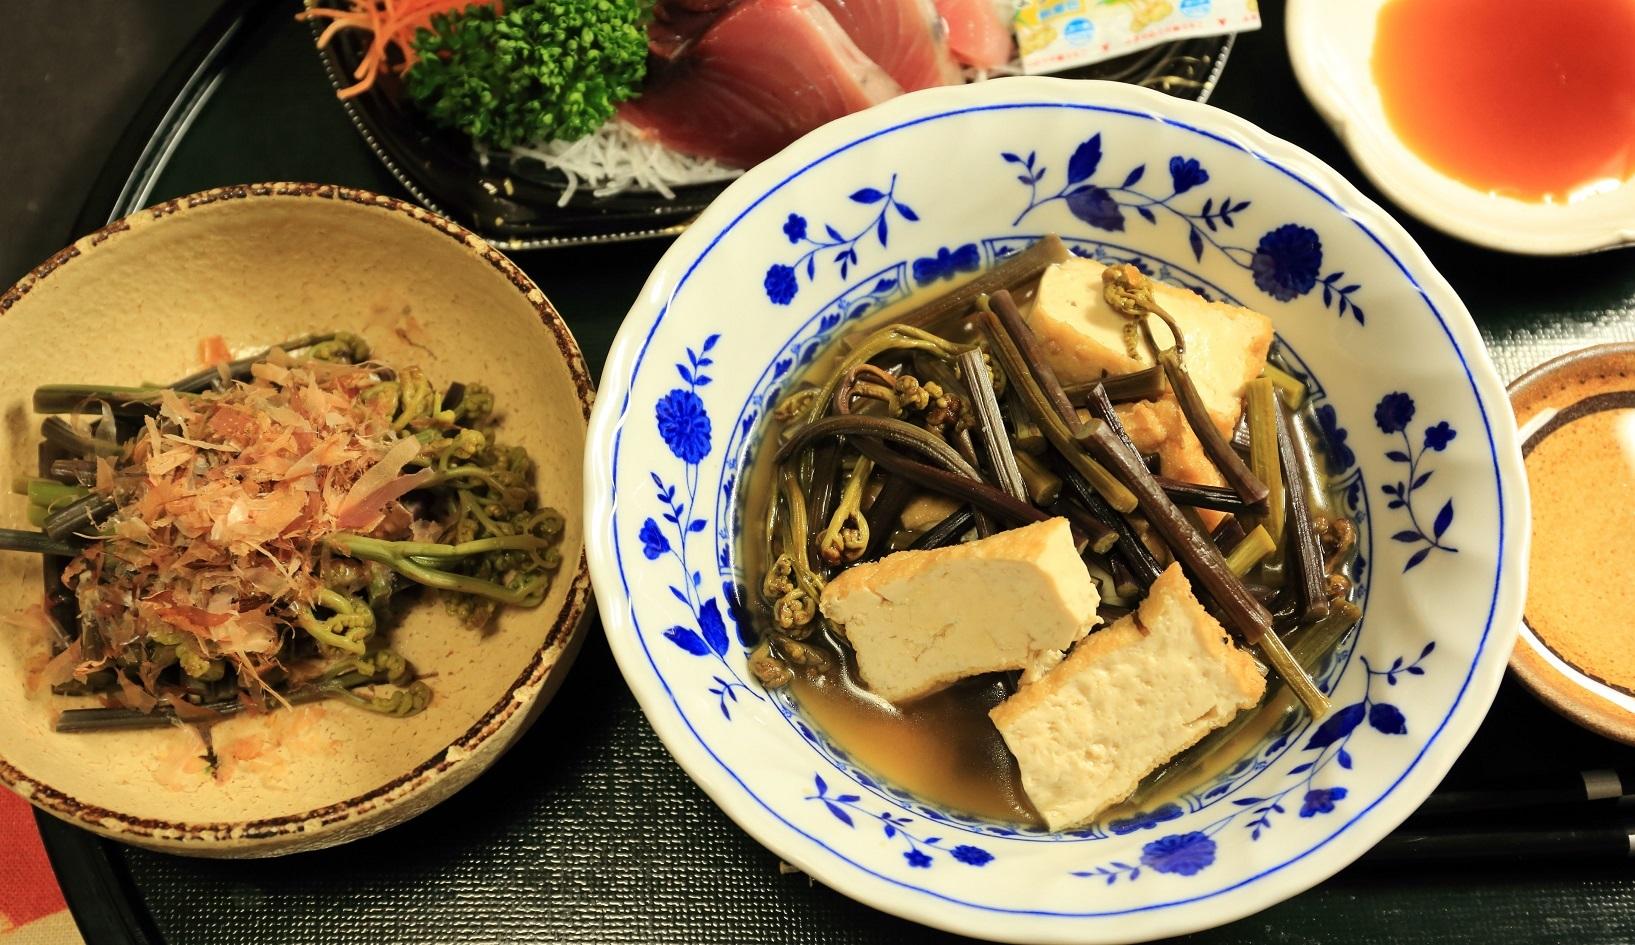 2017 7 5 ワラビの簡単料理 ブログ用.jpg